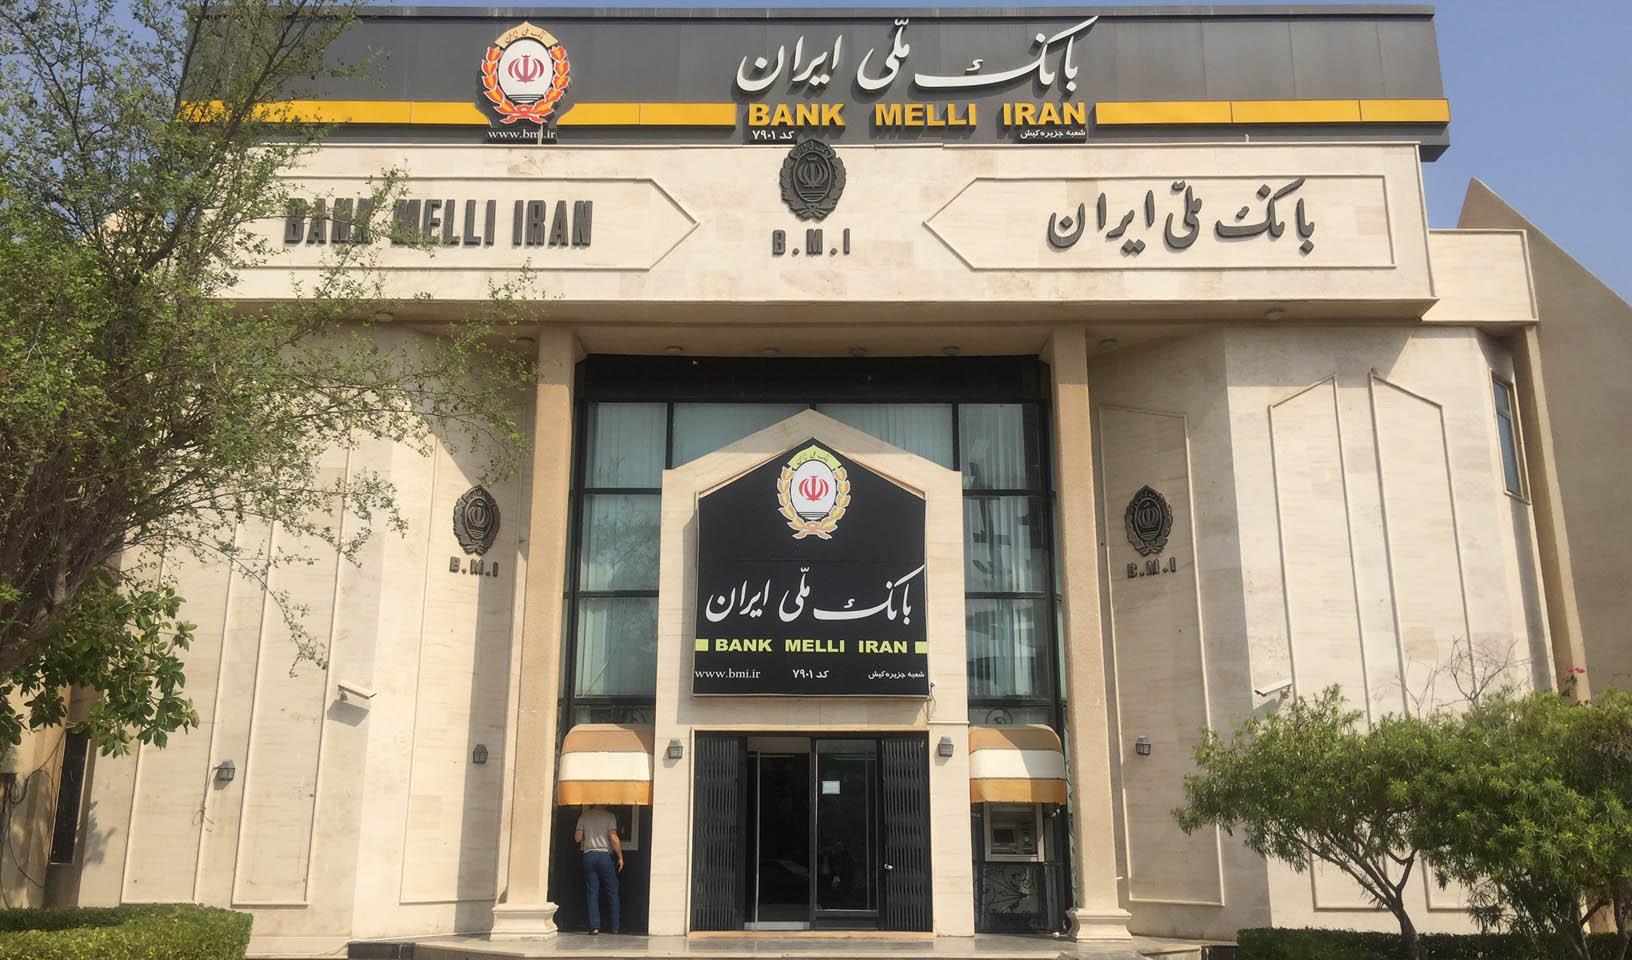 افزایش سقف برداشت دستگاههای خودپرداز بانک ملی ایران به ۵۰۰ هزار تومان